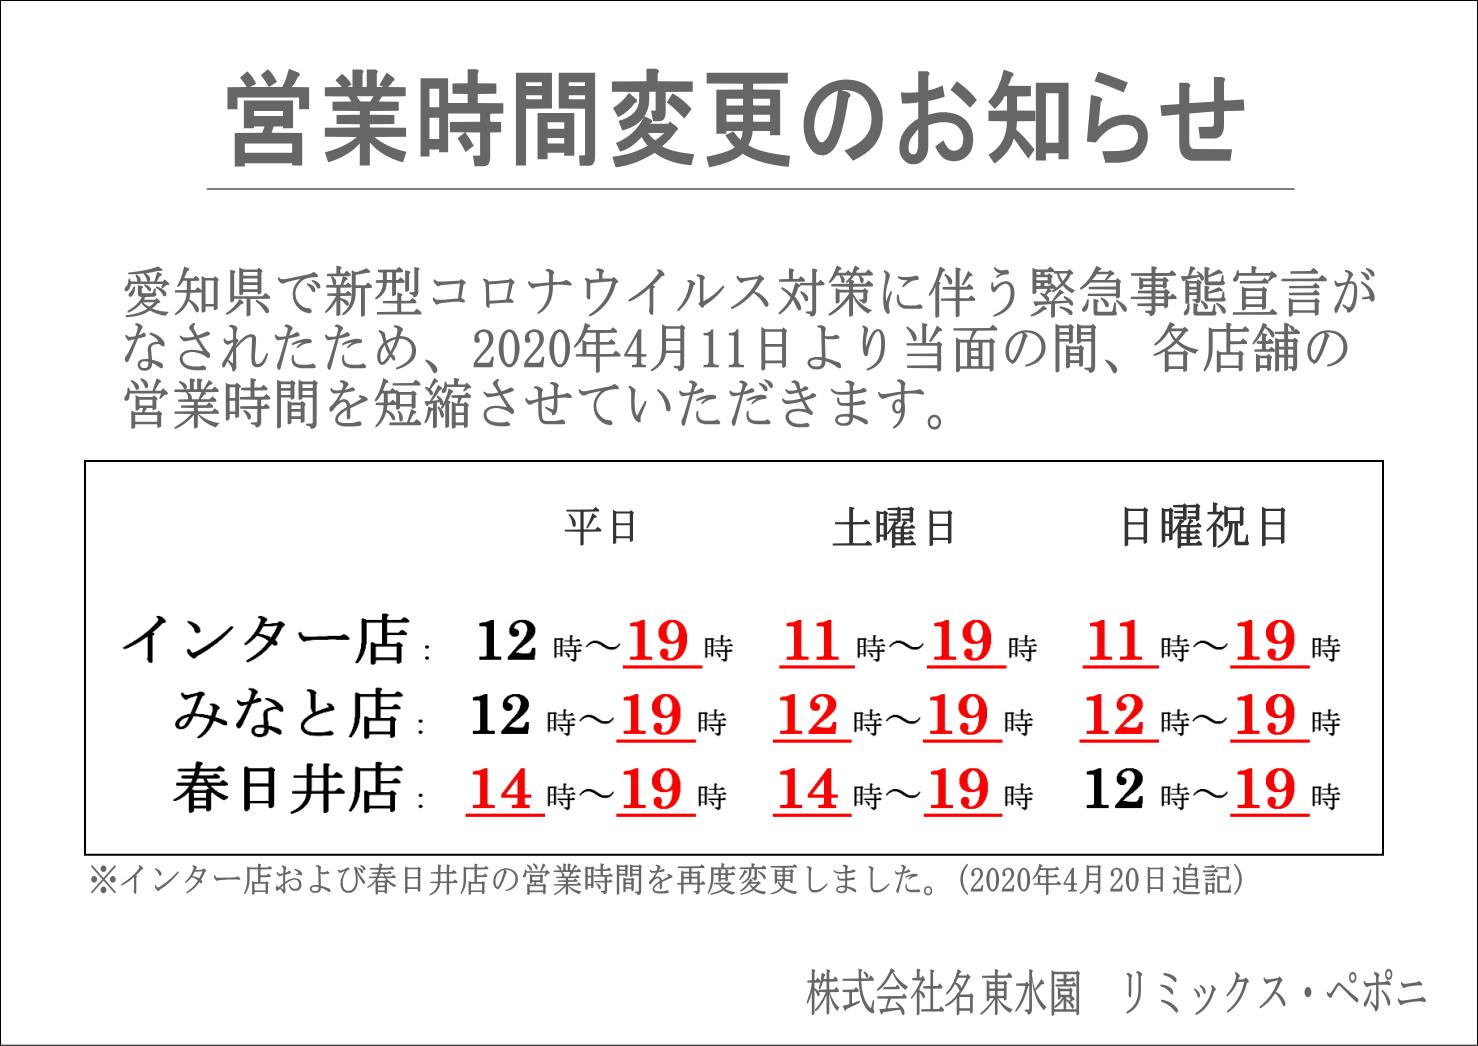 (重要)春日井店営業時間変更のお知らせ